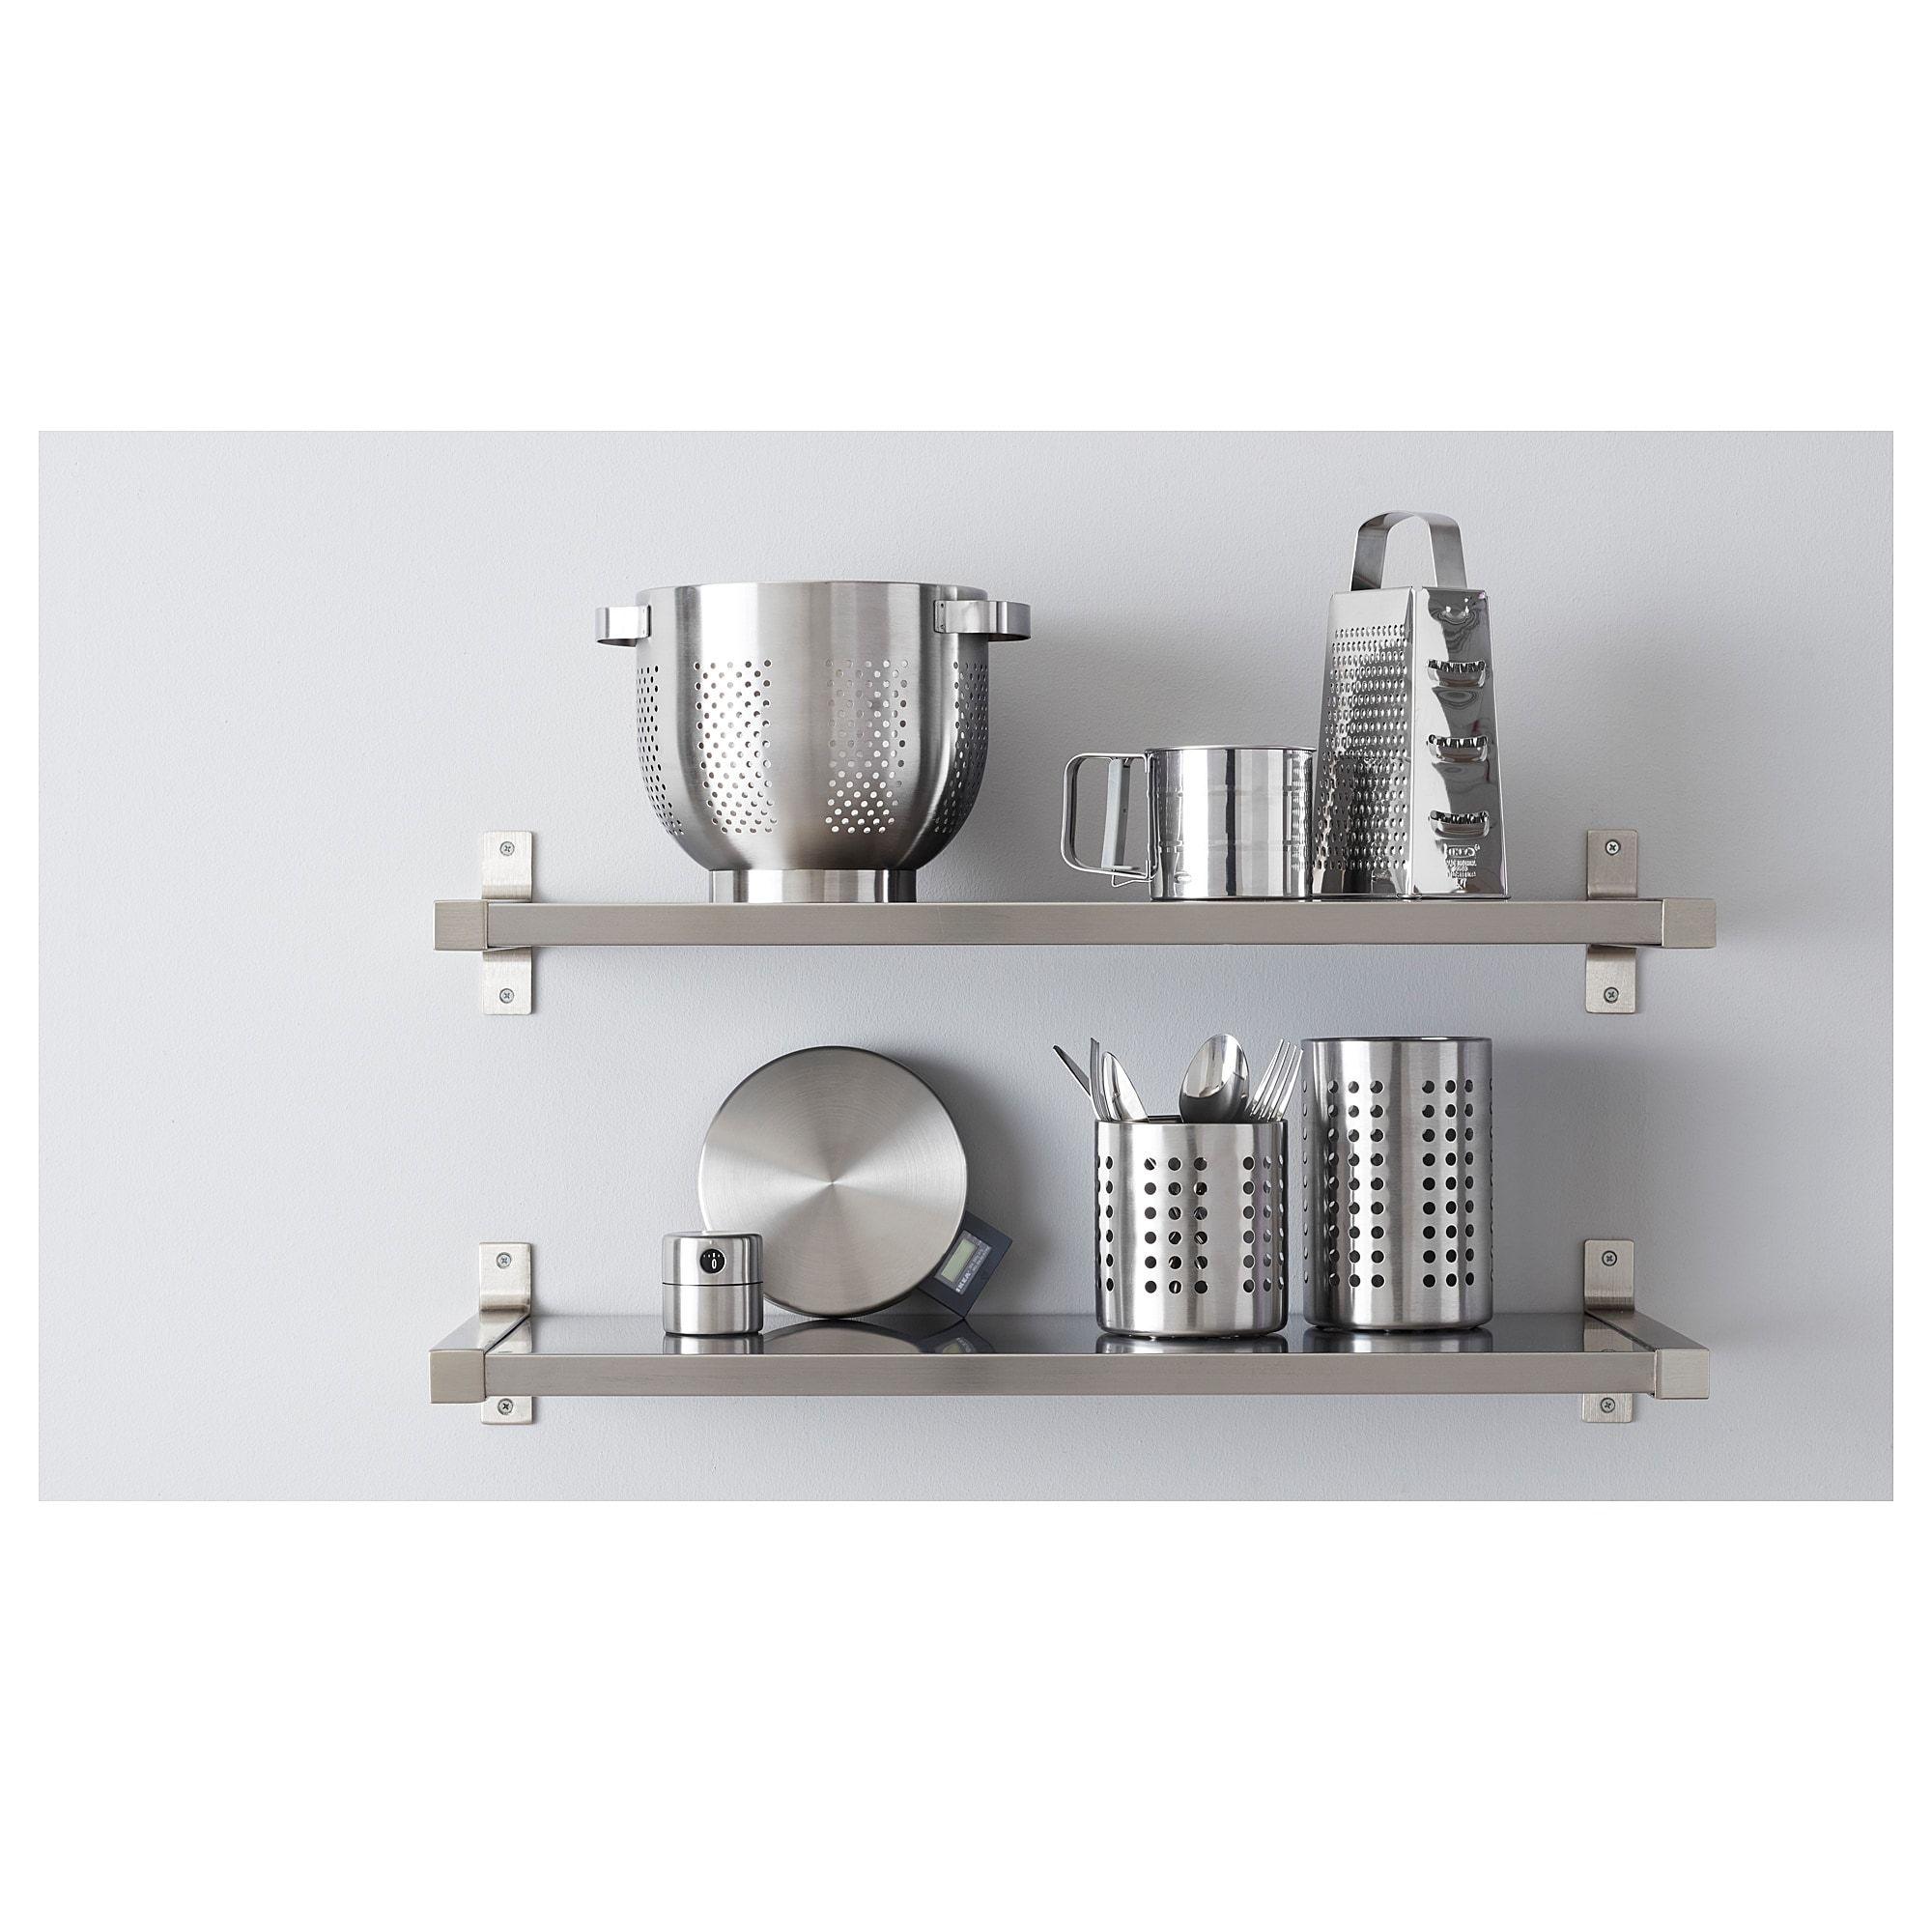 IKEA ORDNING Stainless Steel Utensil holder in 2019 ...